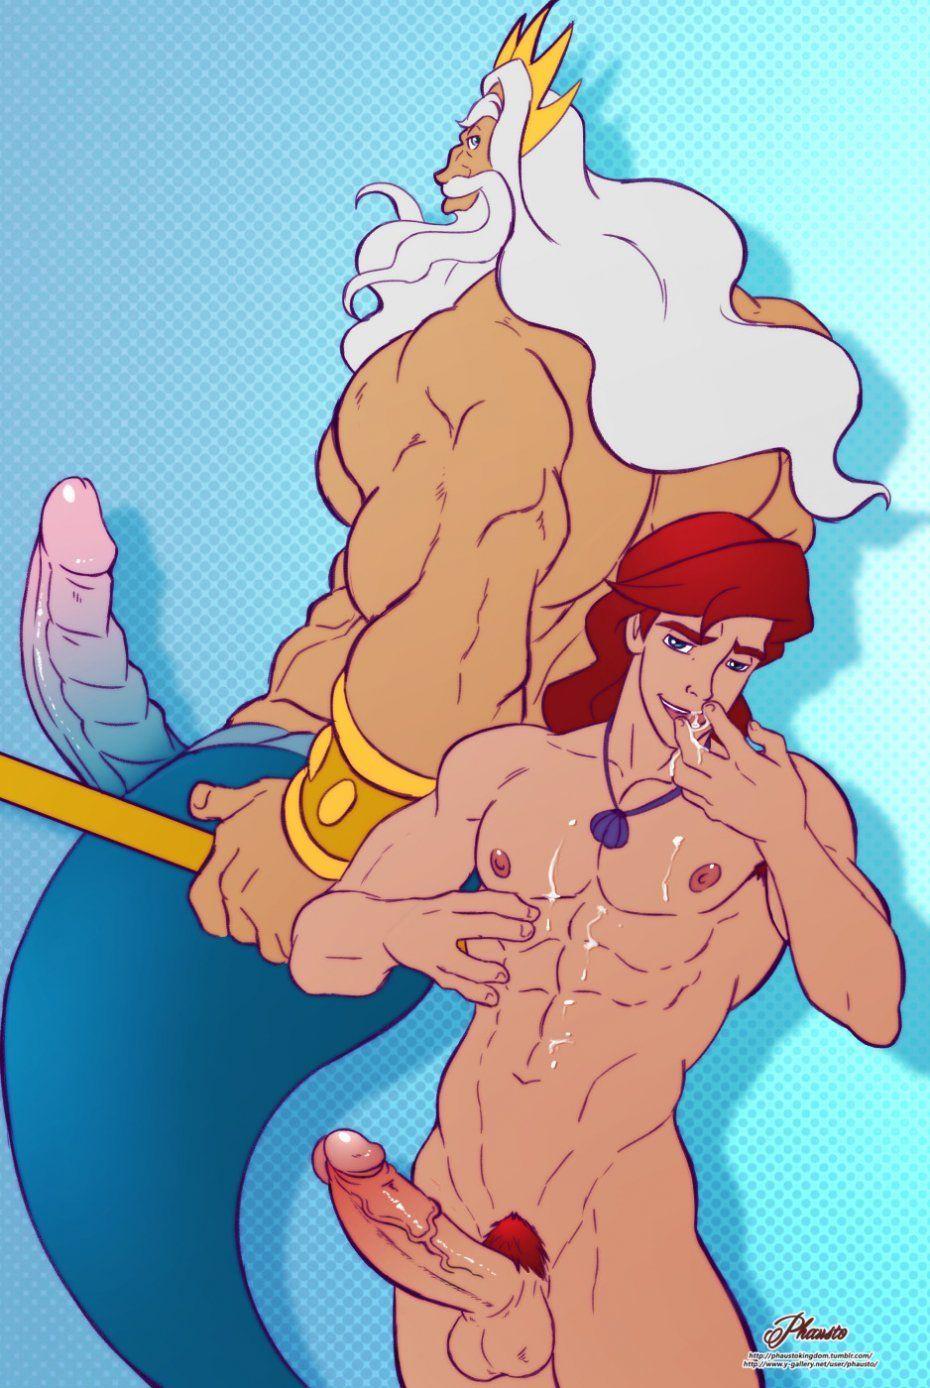 Hentaihome-Os-machos-da-Disney-pornô-gay-28